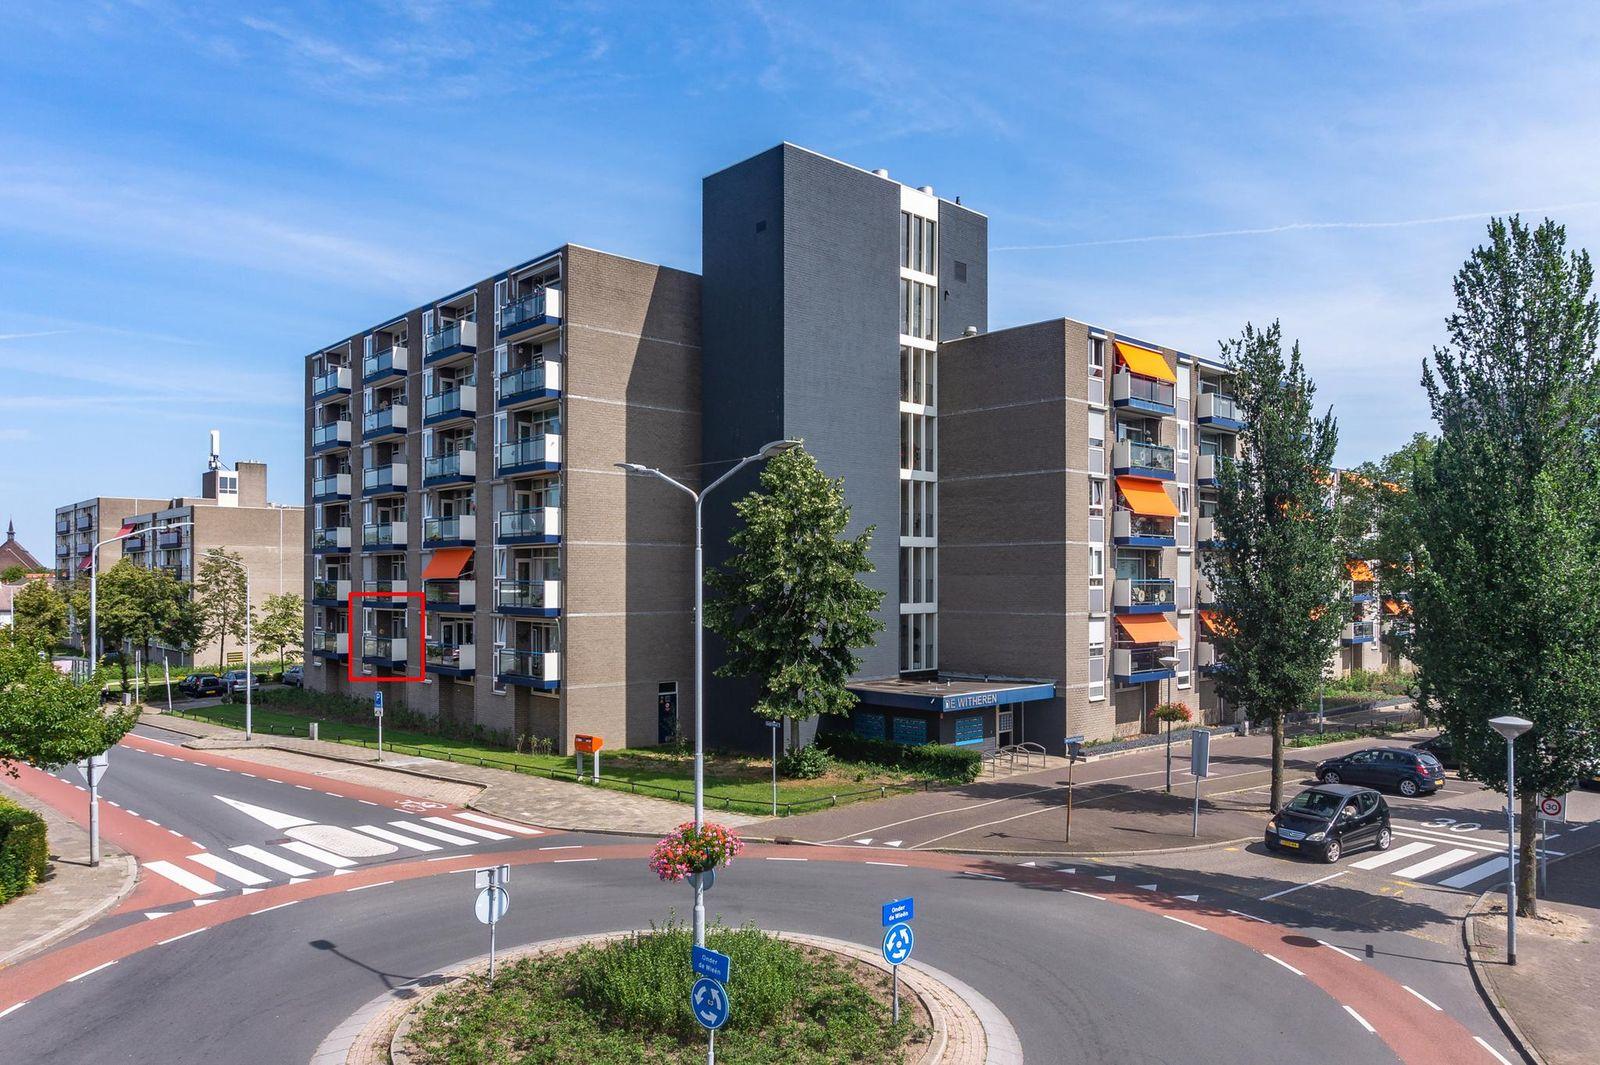 Witherenstraat 90, Venlo